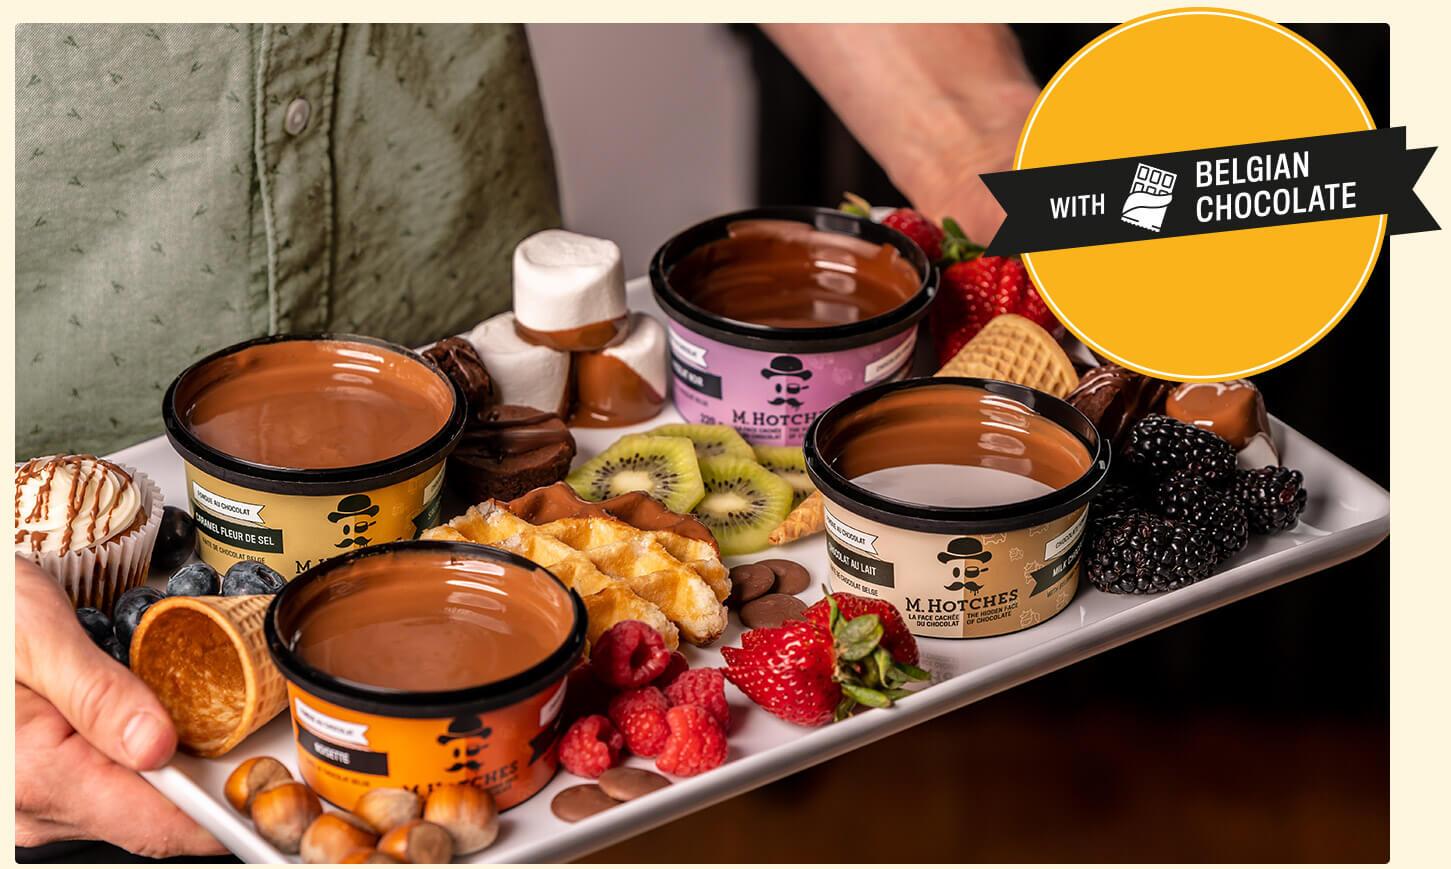 m-hotches-fait-chocolat-belge-accueil-1-minute-en